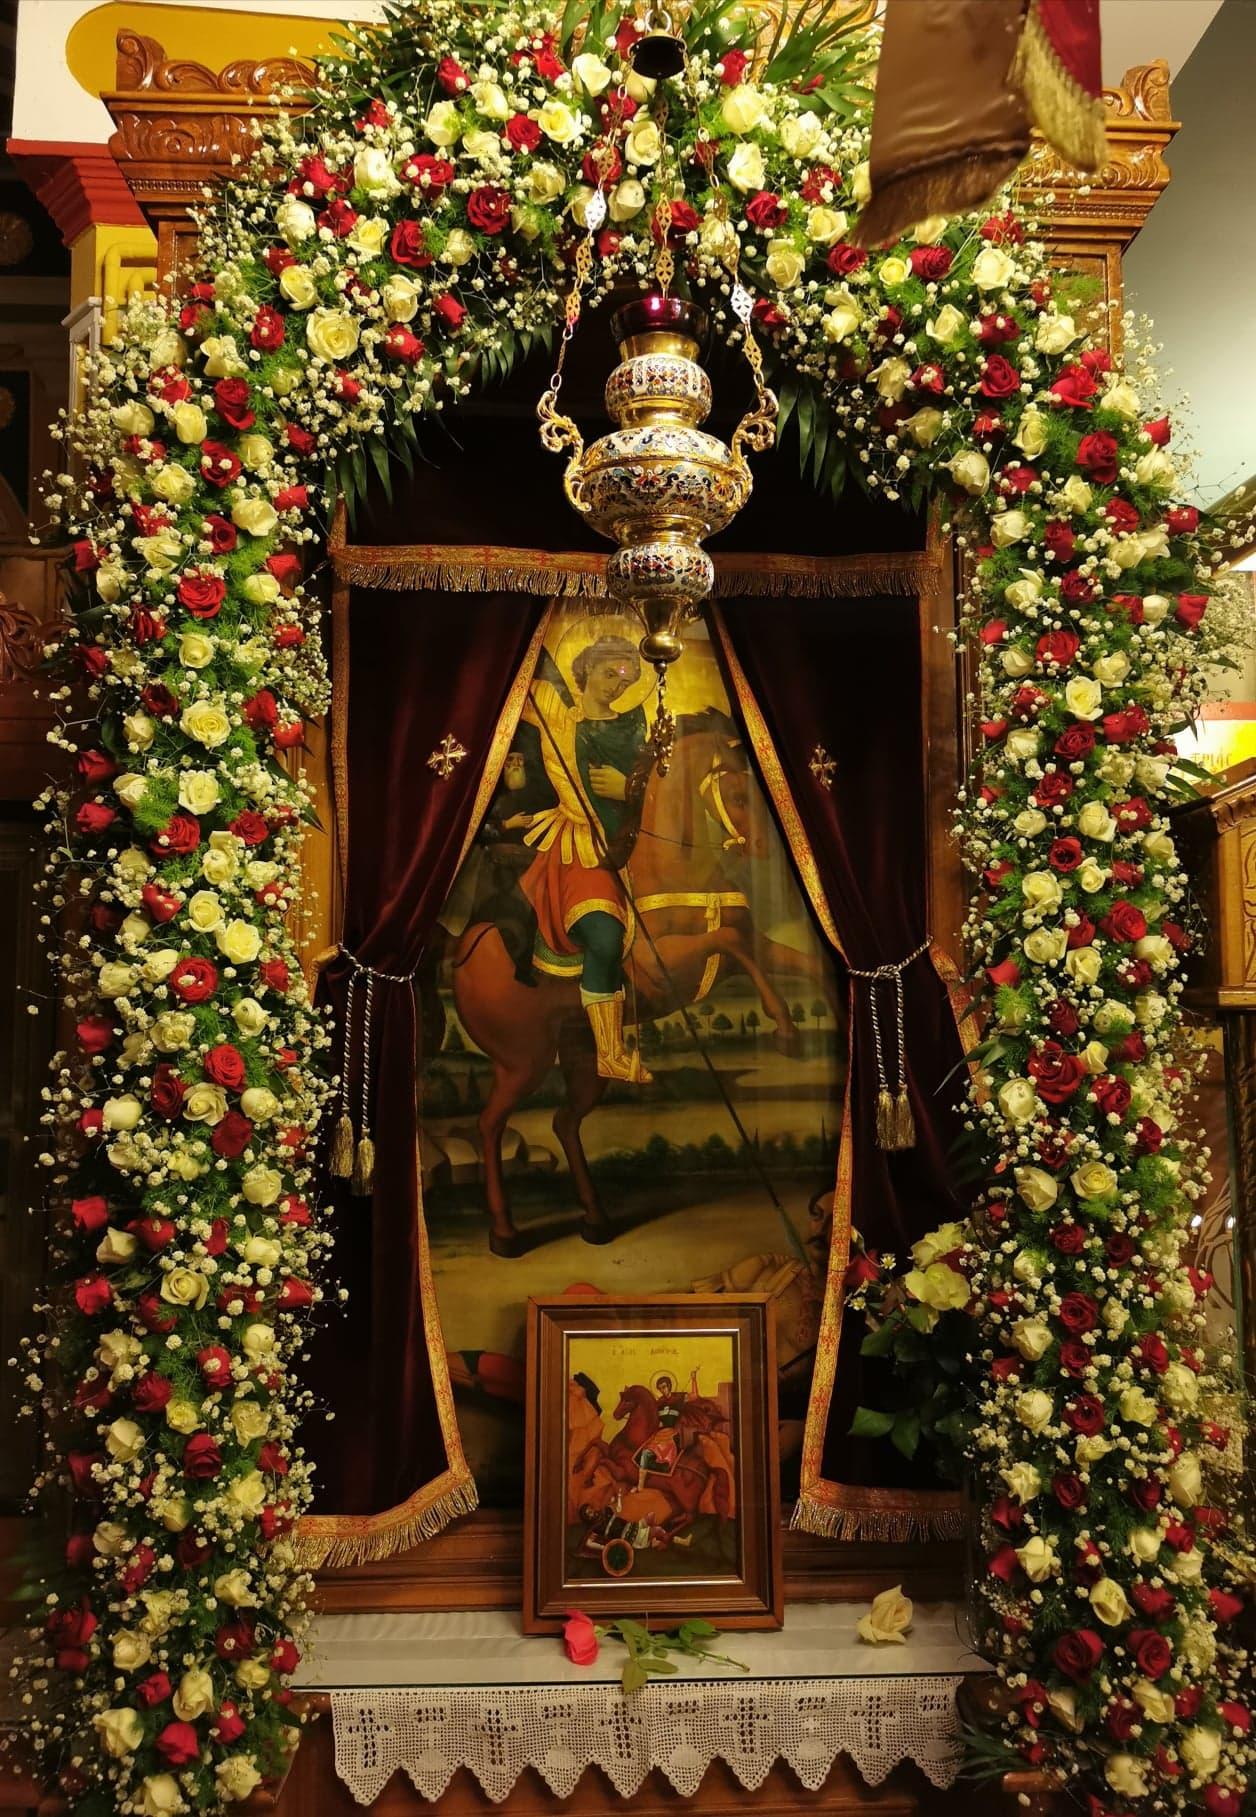 Ο Ήρωας της Χριστιανικής πίστεως Άγιος Δημήτριος, εορτάστηκε στον Άγιο Ιωάννη Πύργου